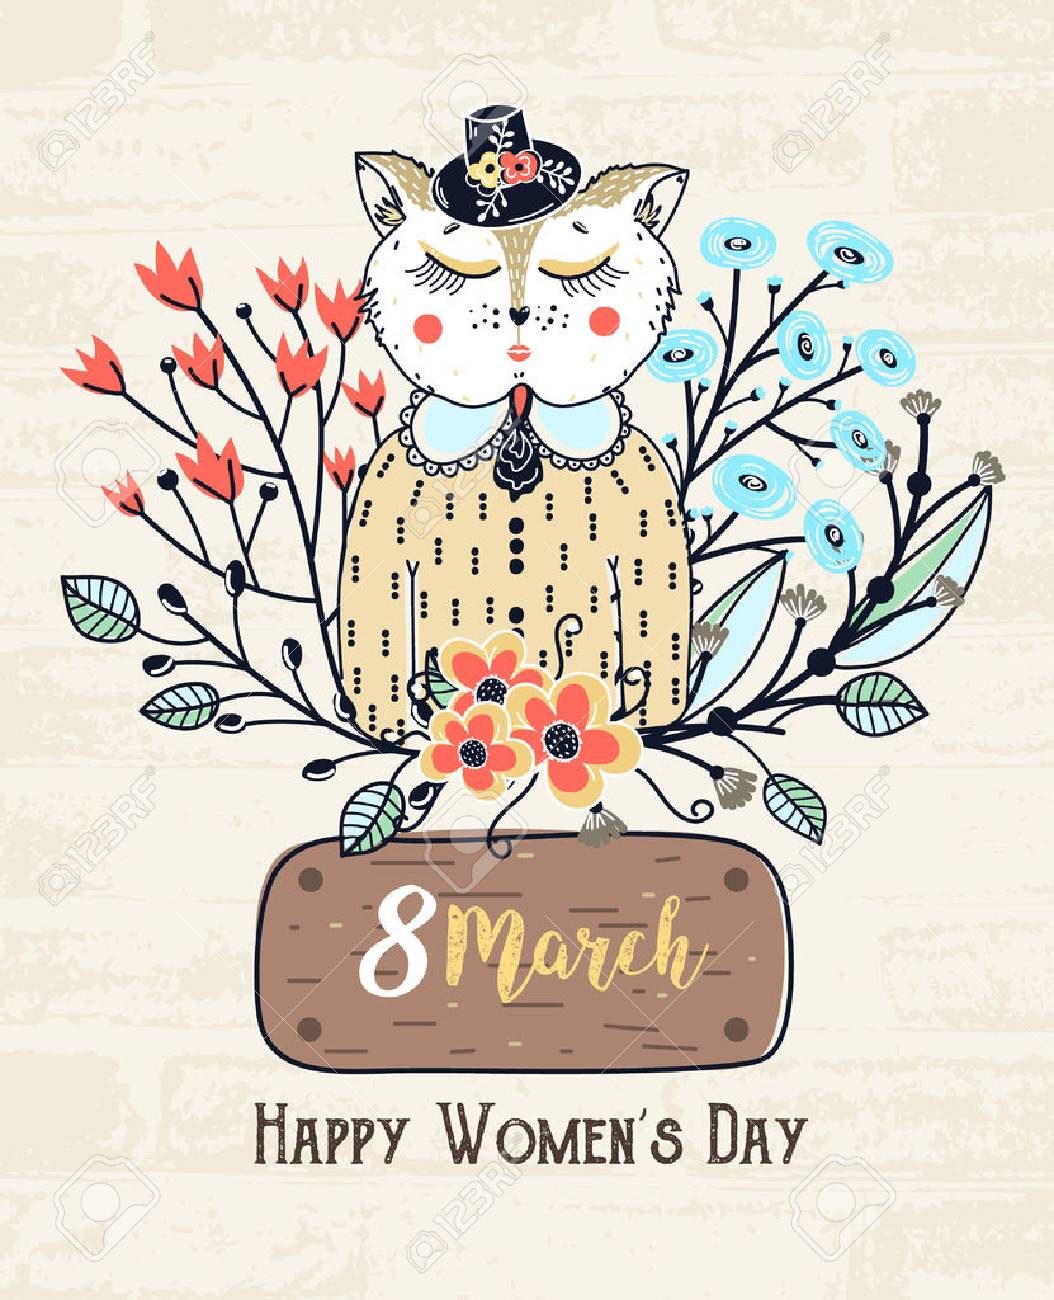 8 月幸せな女性の日カラフルなかわいい猫の背景を花の挨拶します